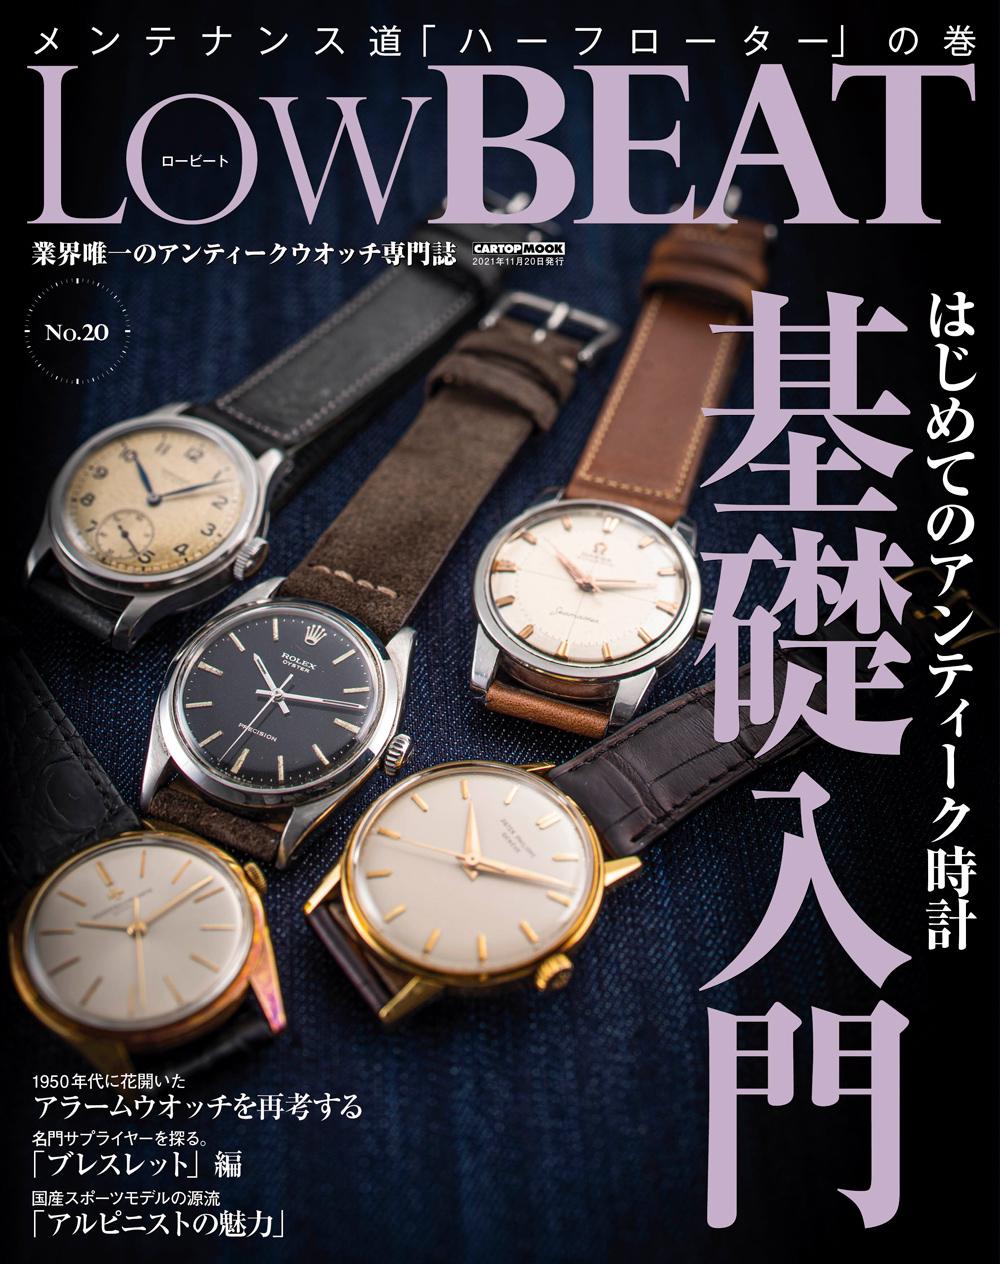 C's-Factory 書籍 LowBEAT No.20